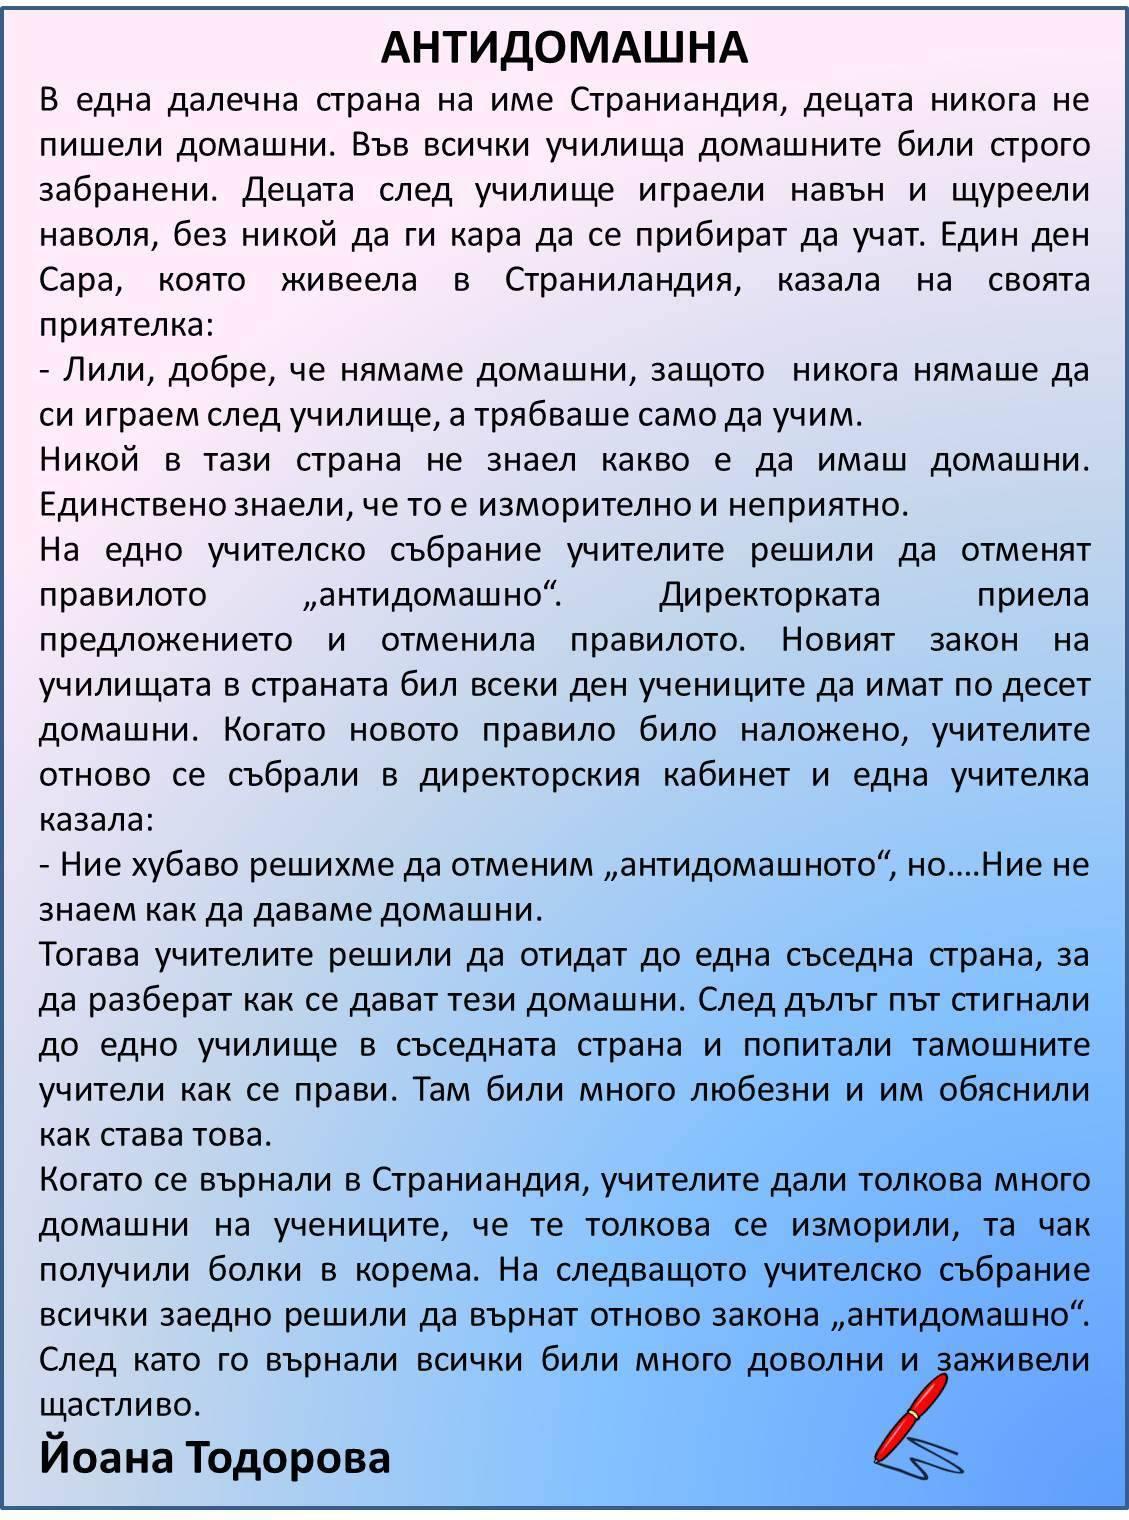 """Artwork from the book - ПРИКАЗКА ПО ПРОИЗВОЛНА ПРЕДСТАВКА, """" МОСТ НА ПРИЯТЕЛСТВОТО"""", 2017/2018 г. by Shermin Ahmedova - Ourboox.com"""